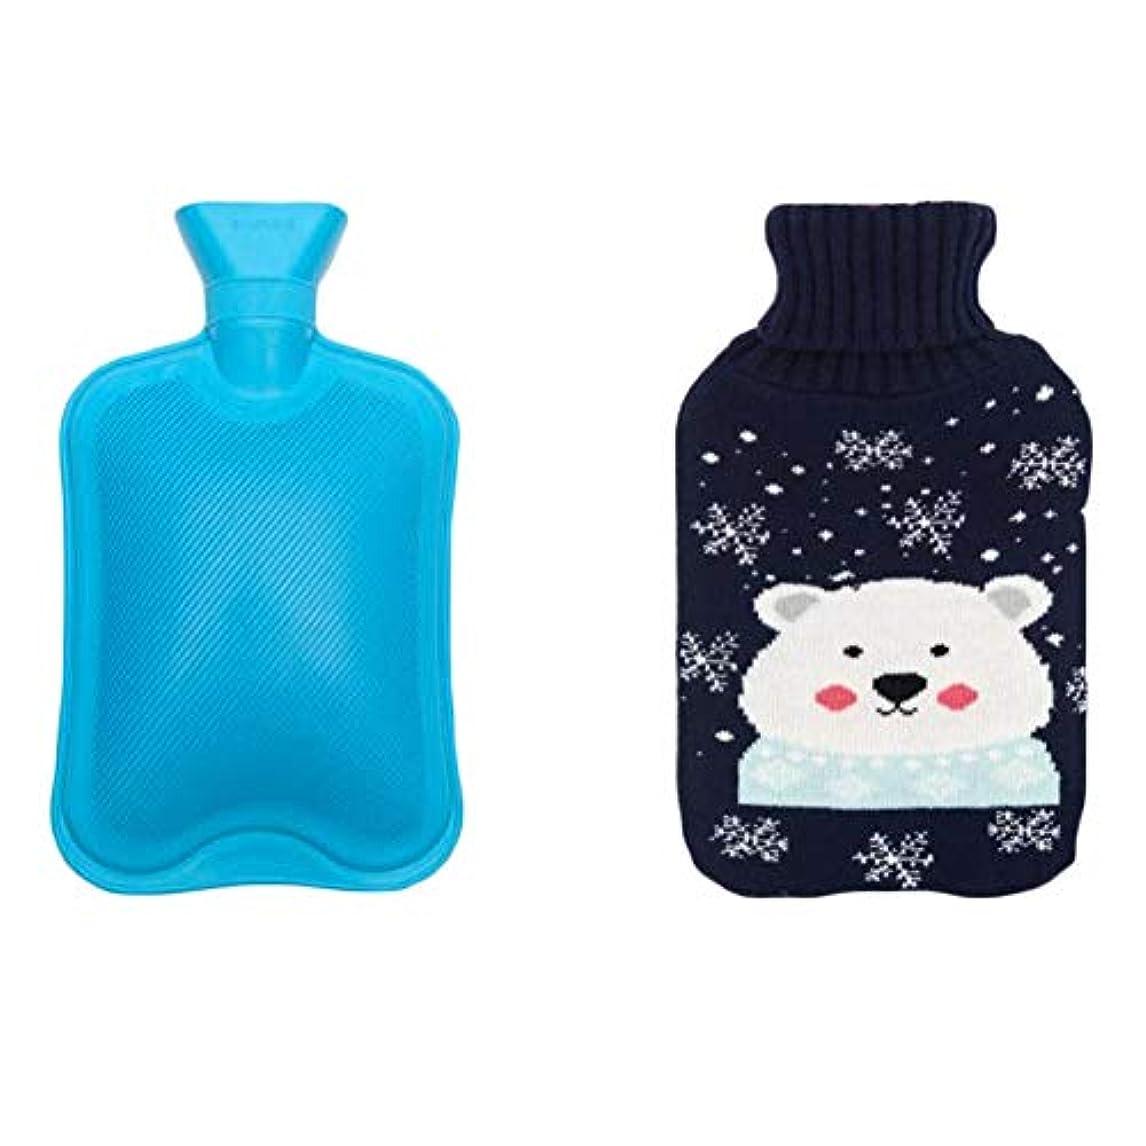 1リットルの温水ボトルラブリークマのデザイン